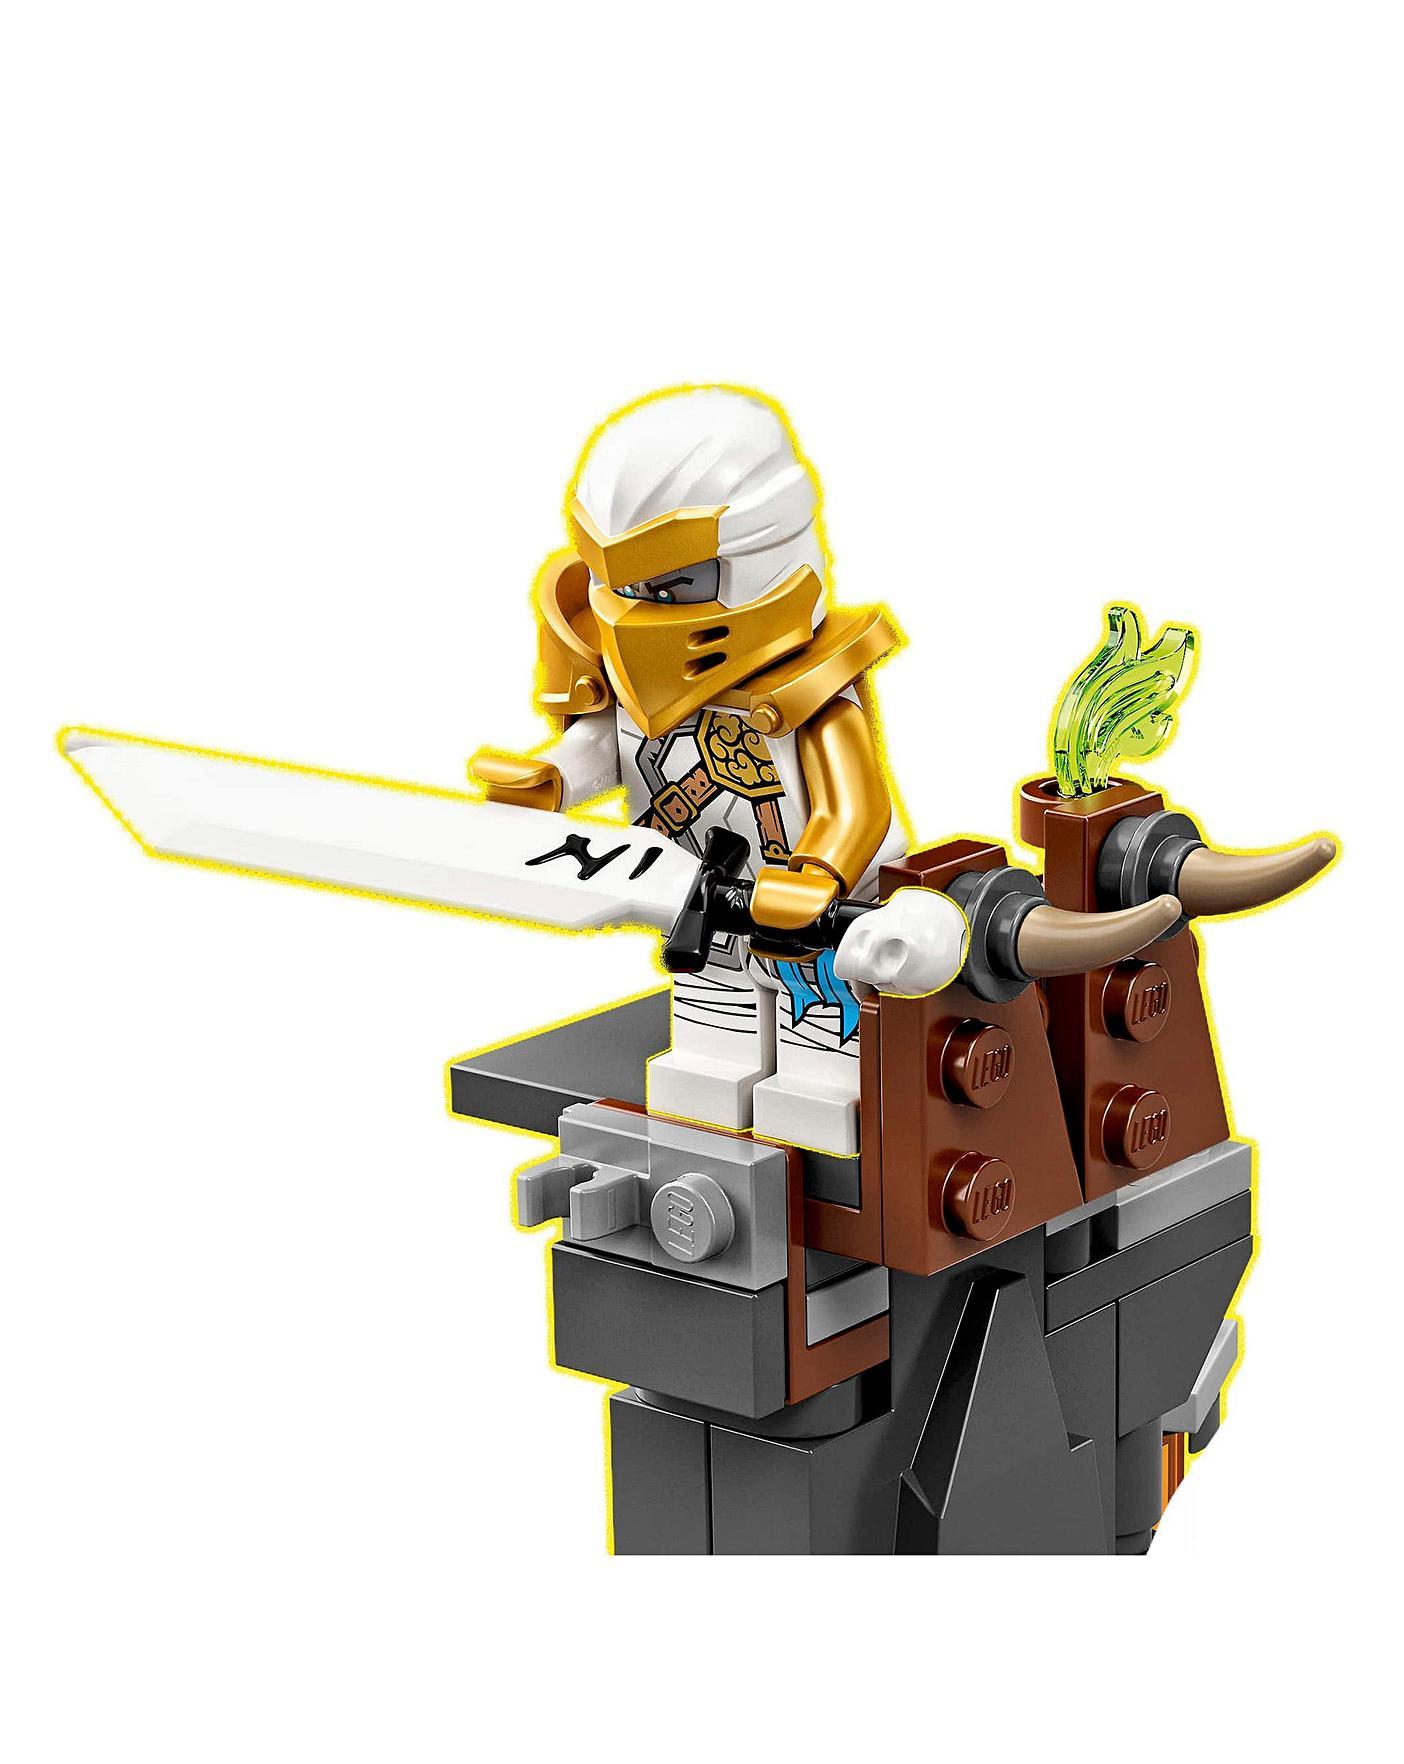 LEGO NINJAGO Zane's Mino Creature | Home Essentials